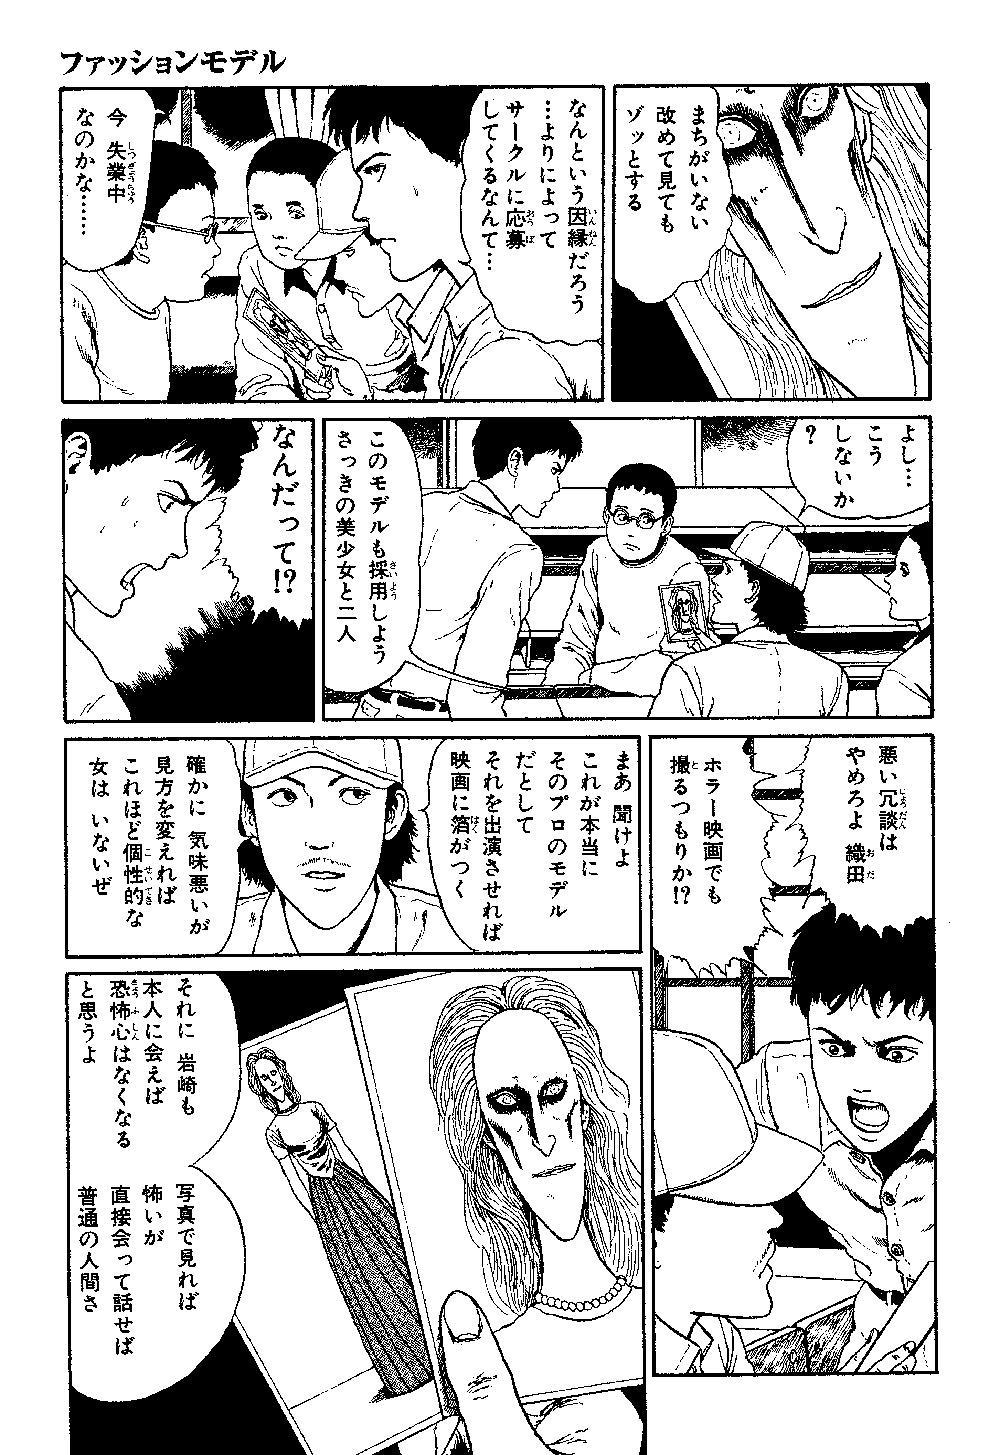 itouj_0006_0051.jpg